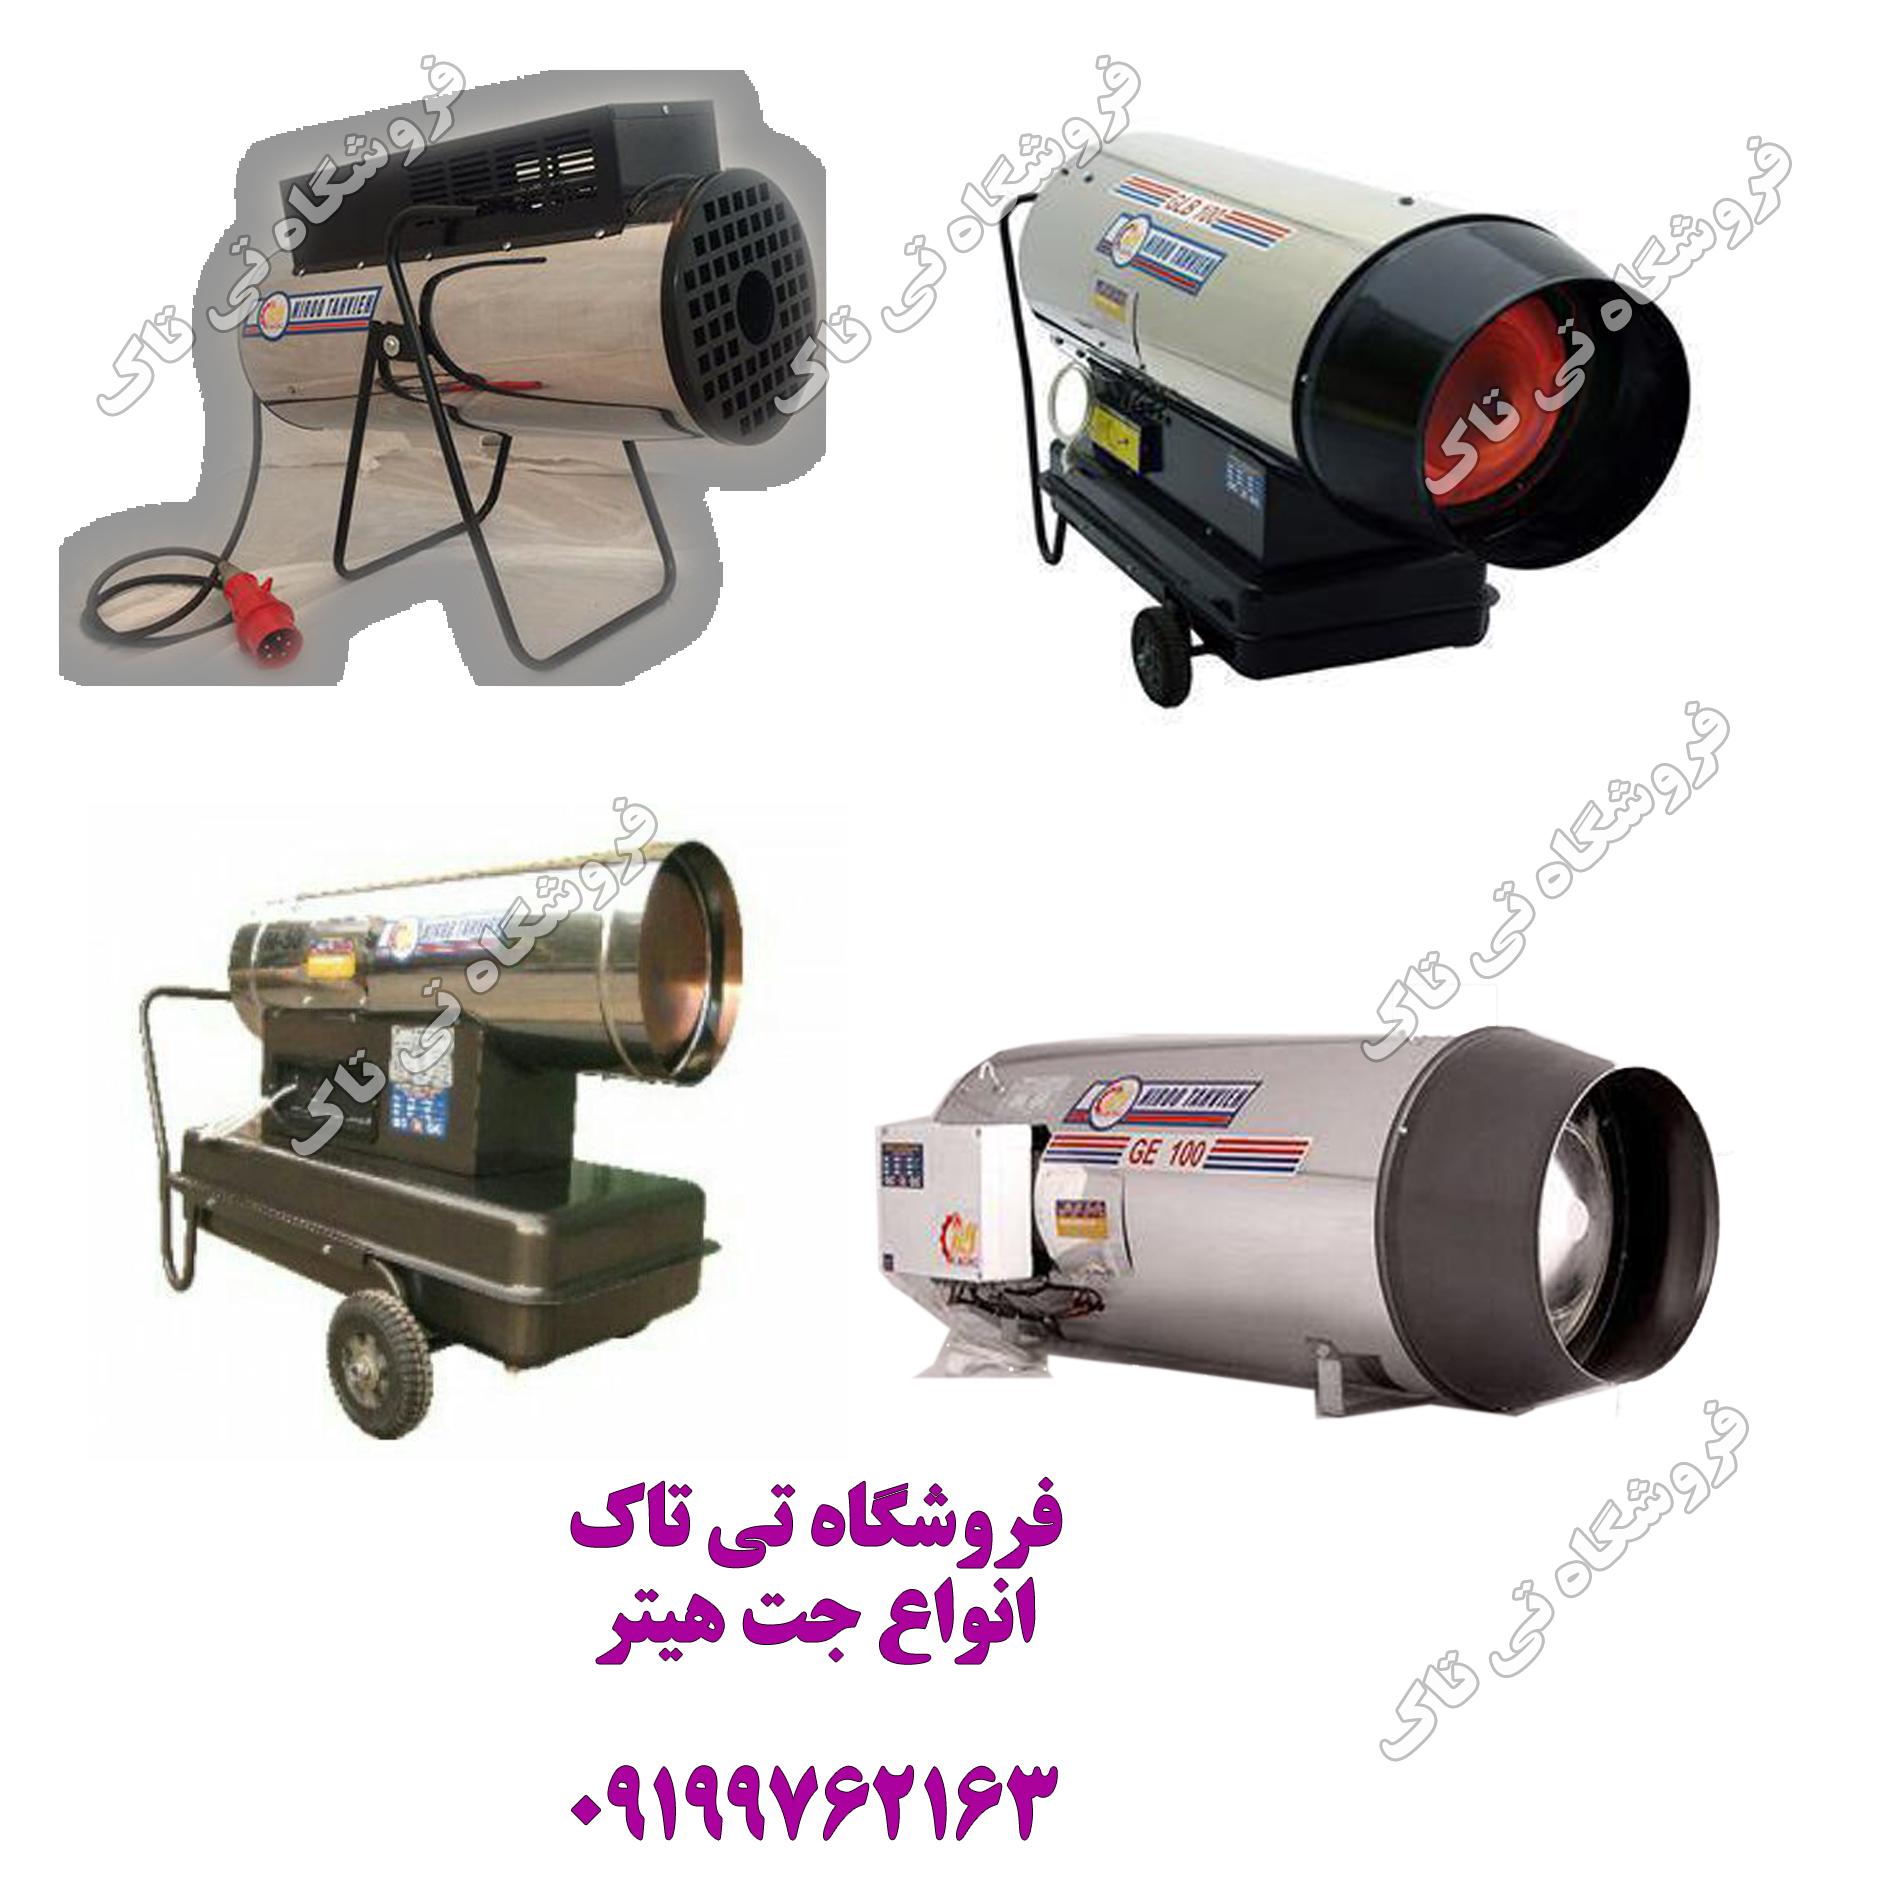 قیمت بخاری صنعتی گازوئیلی